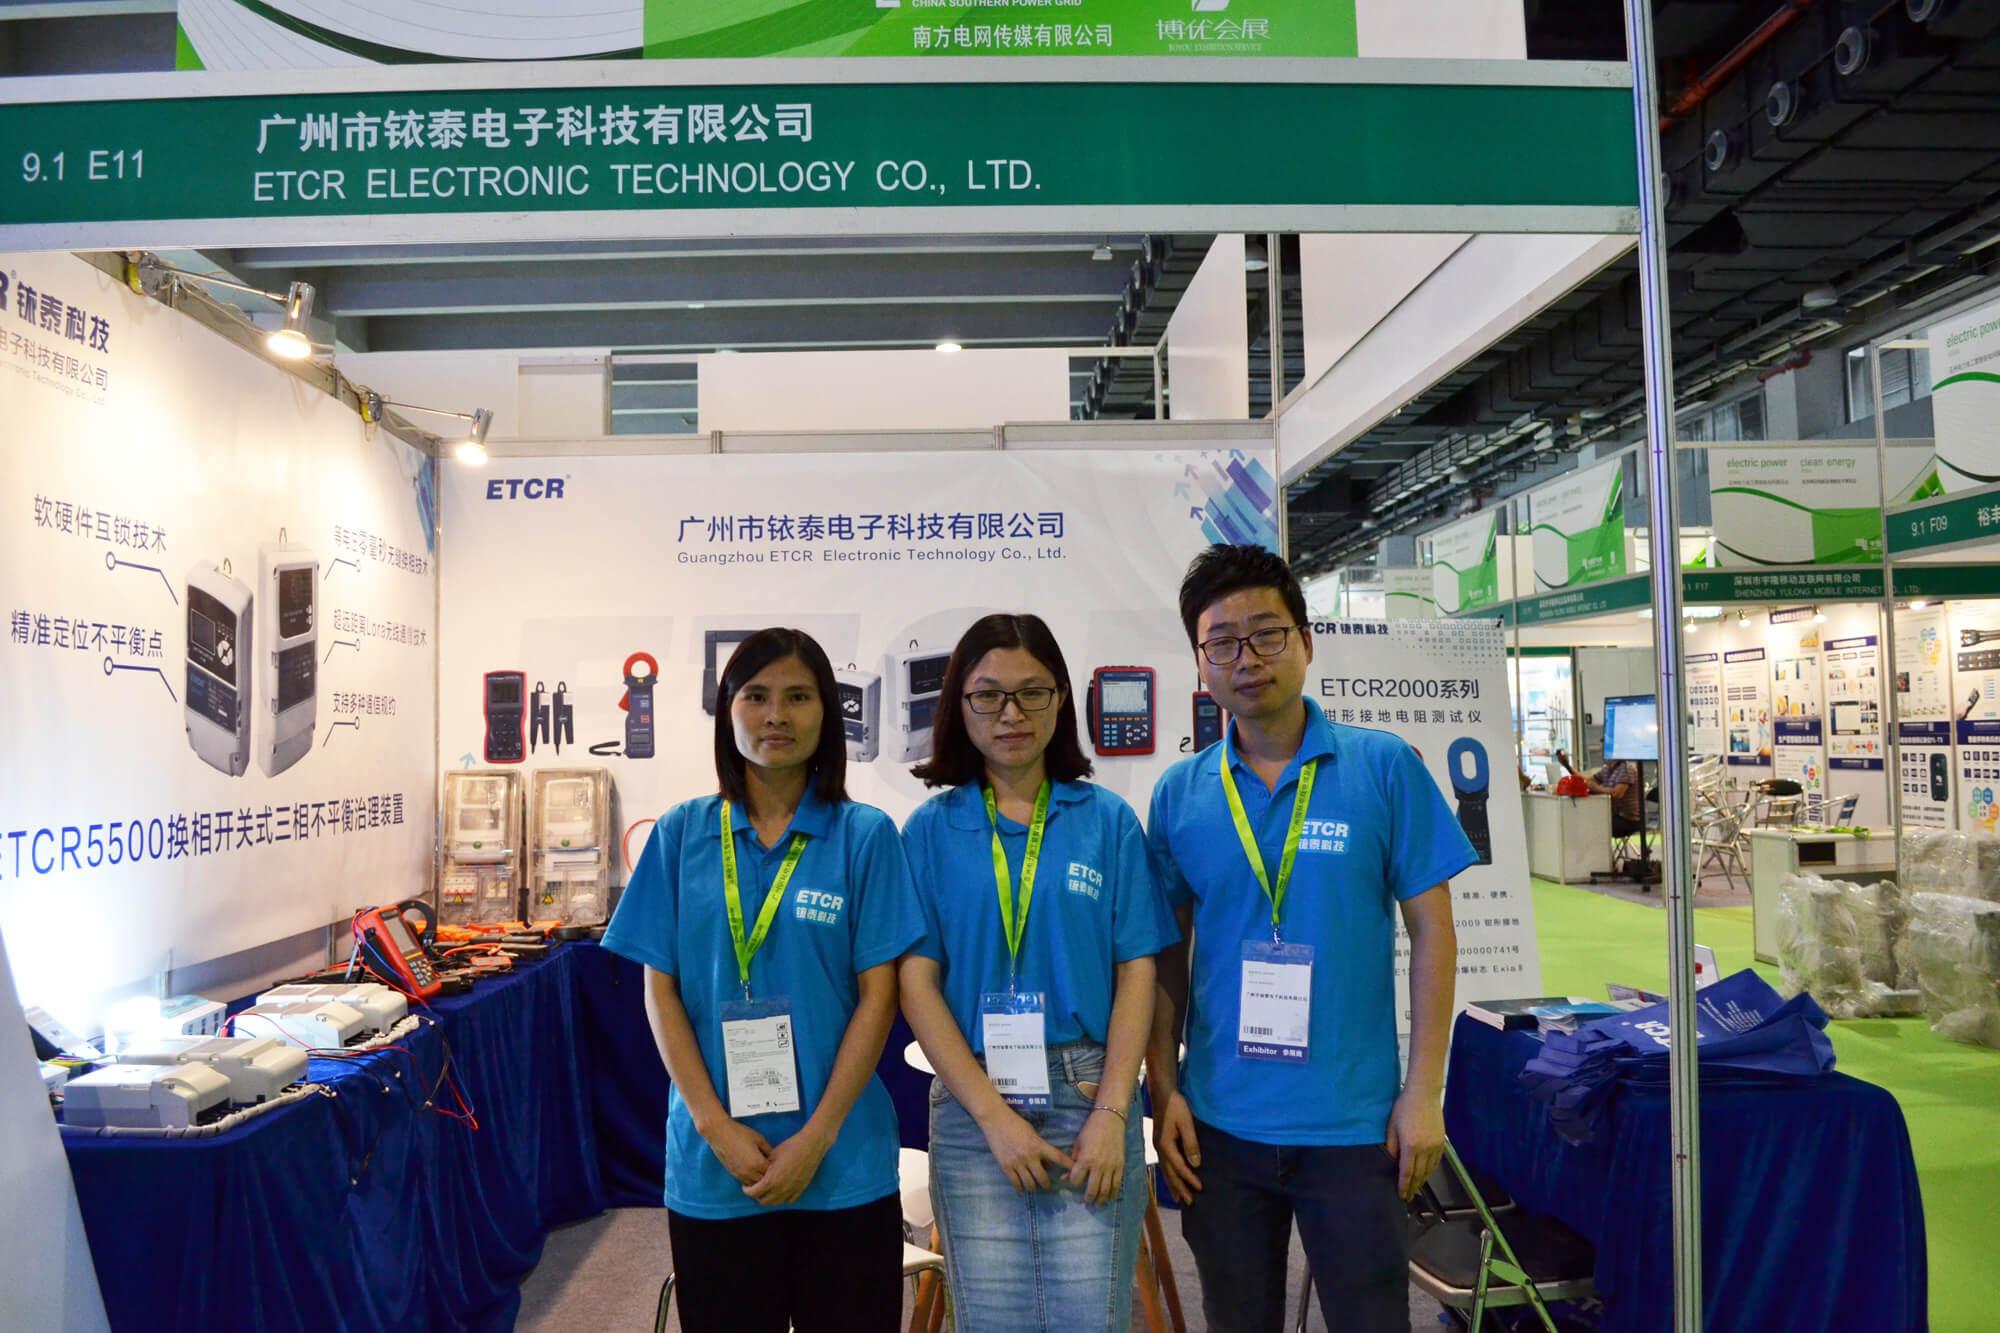 祝贺铱泰科技参加广州2018亚洲电力展顺利收官